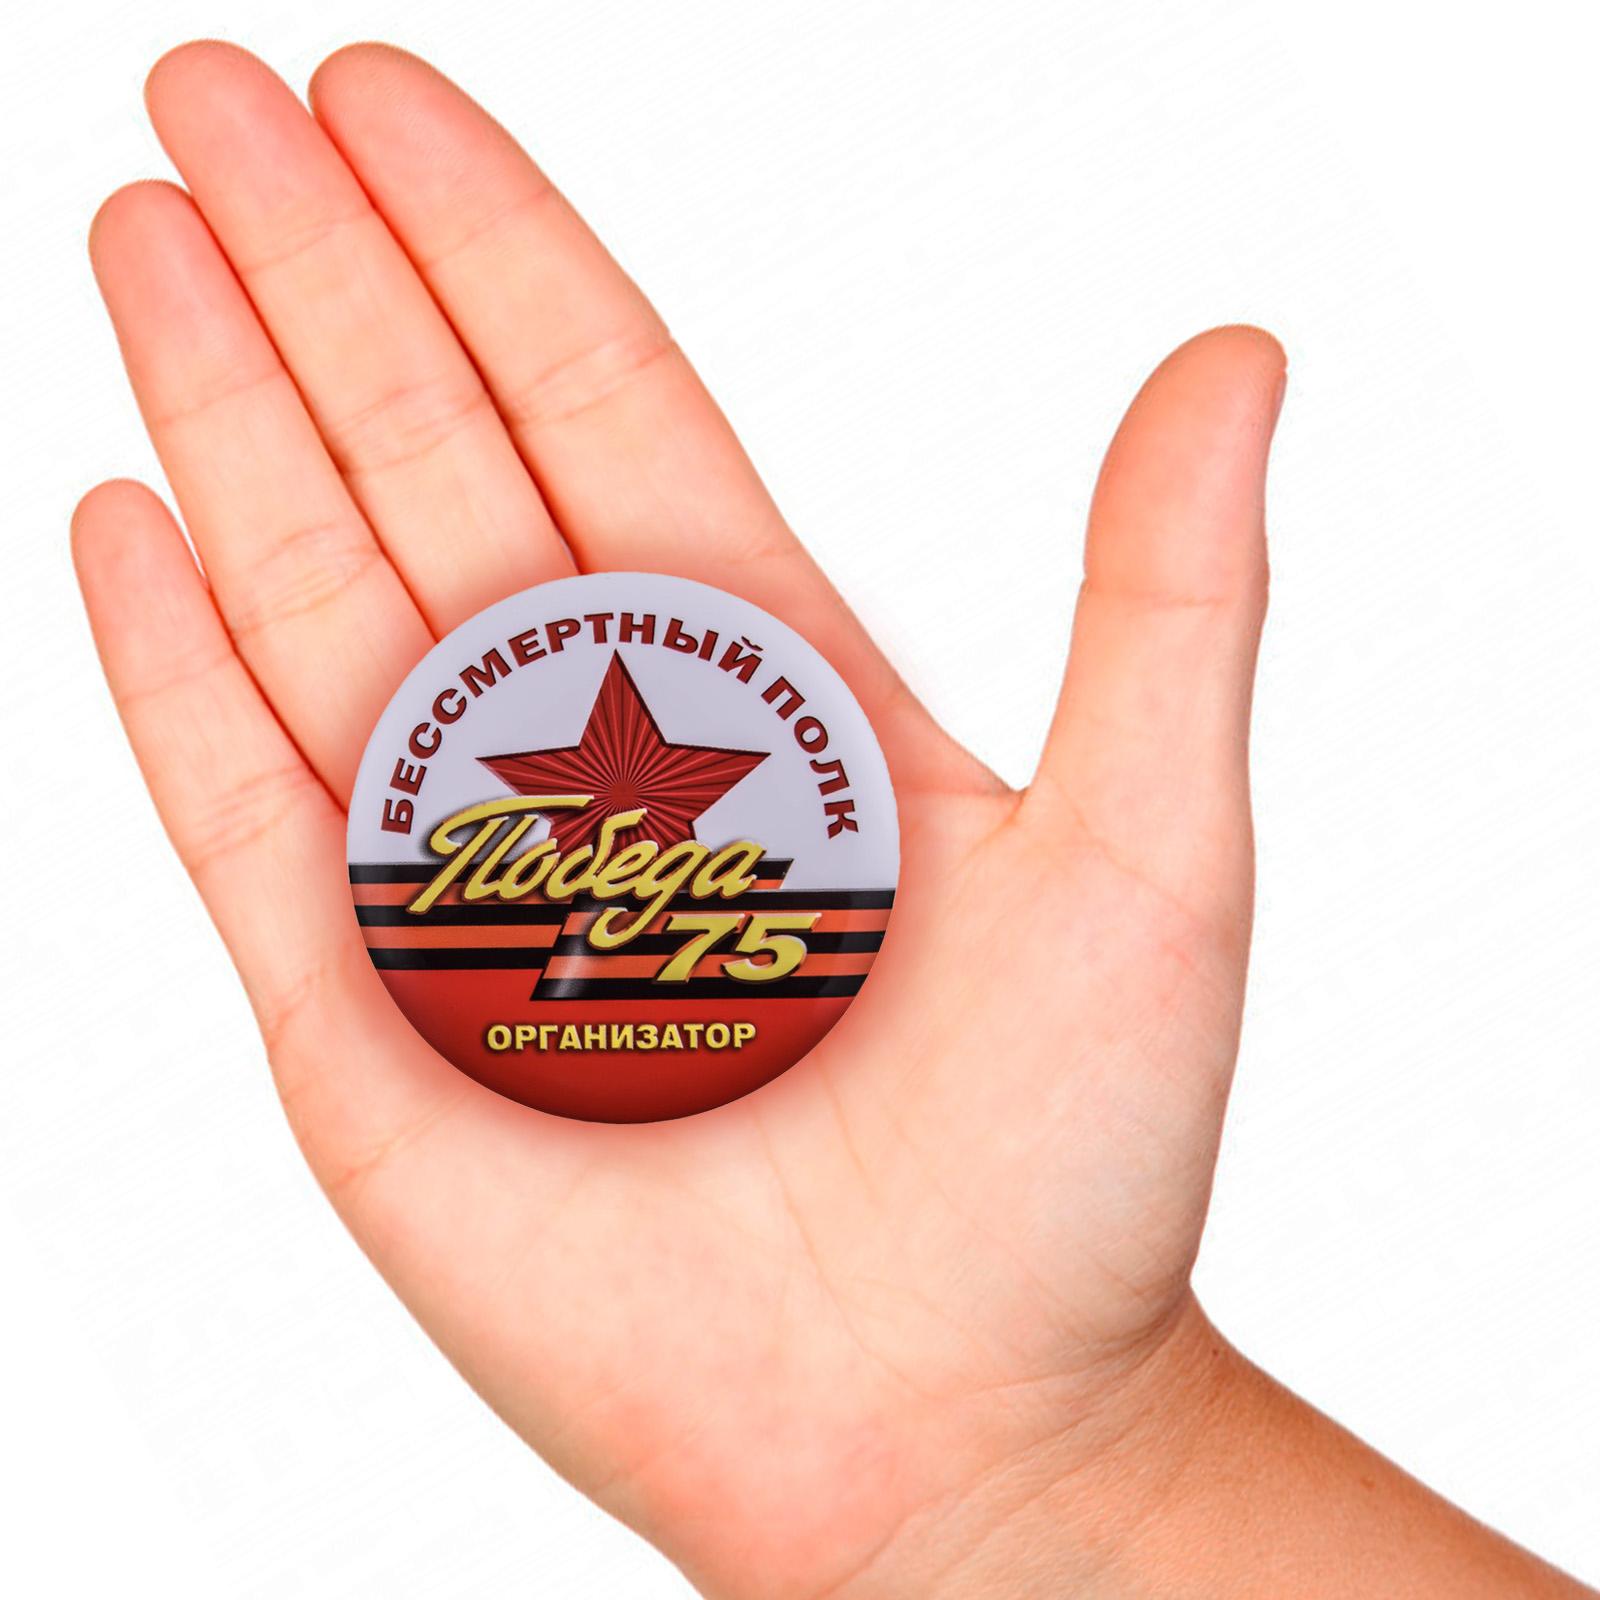 Закатный значок организатору Бессмертного полка - вид на руке